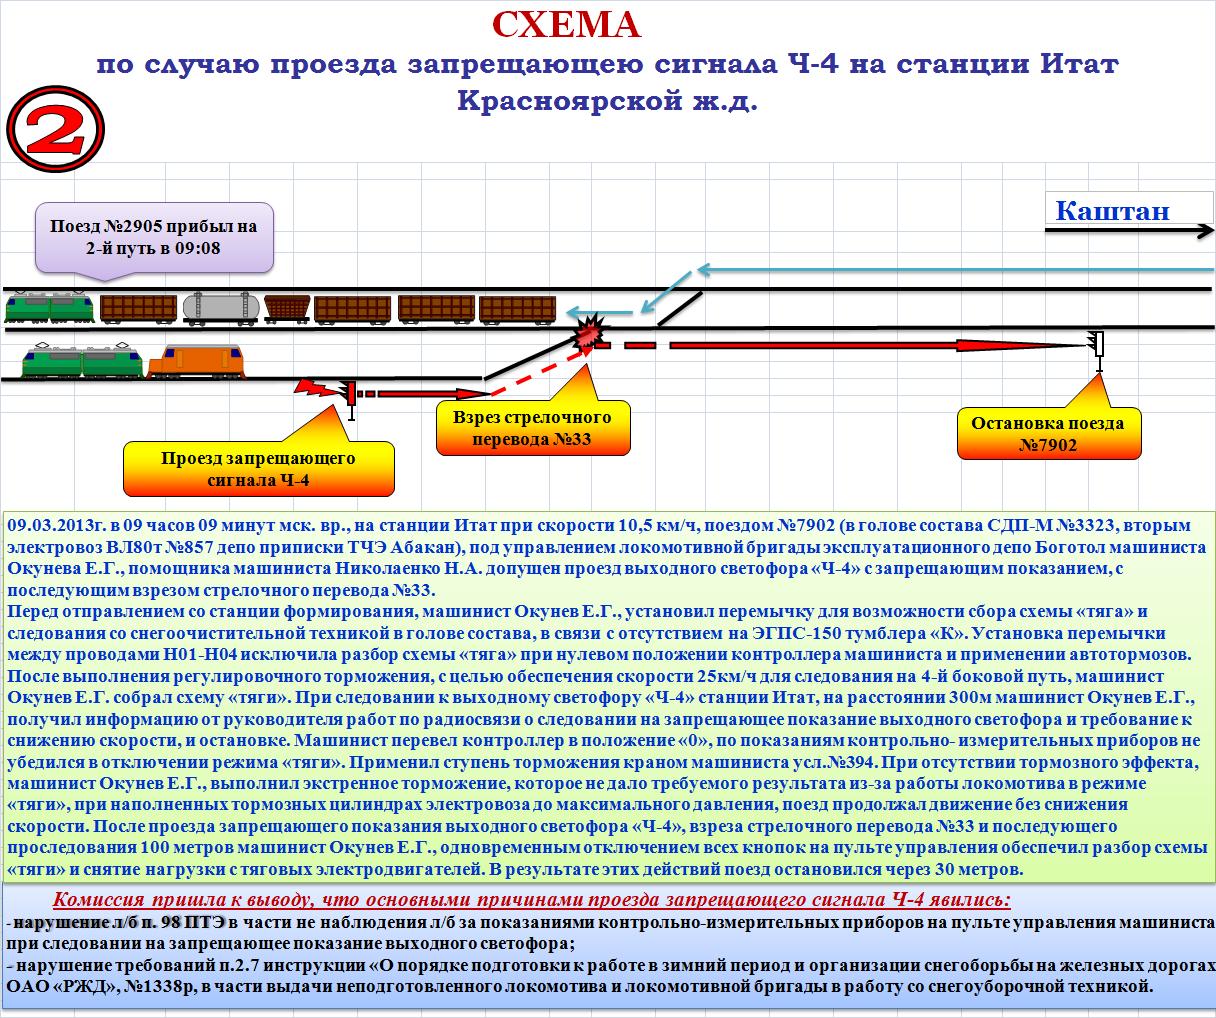 Инструкция В Помощь Локомотивным Бригадам